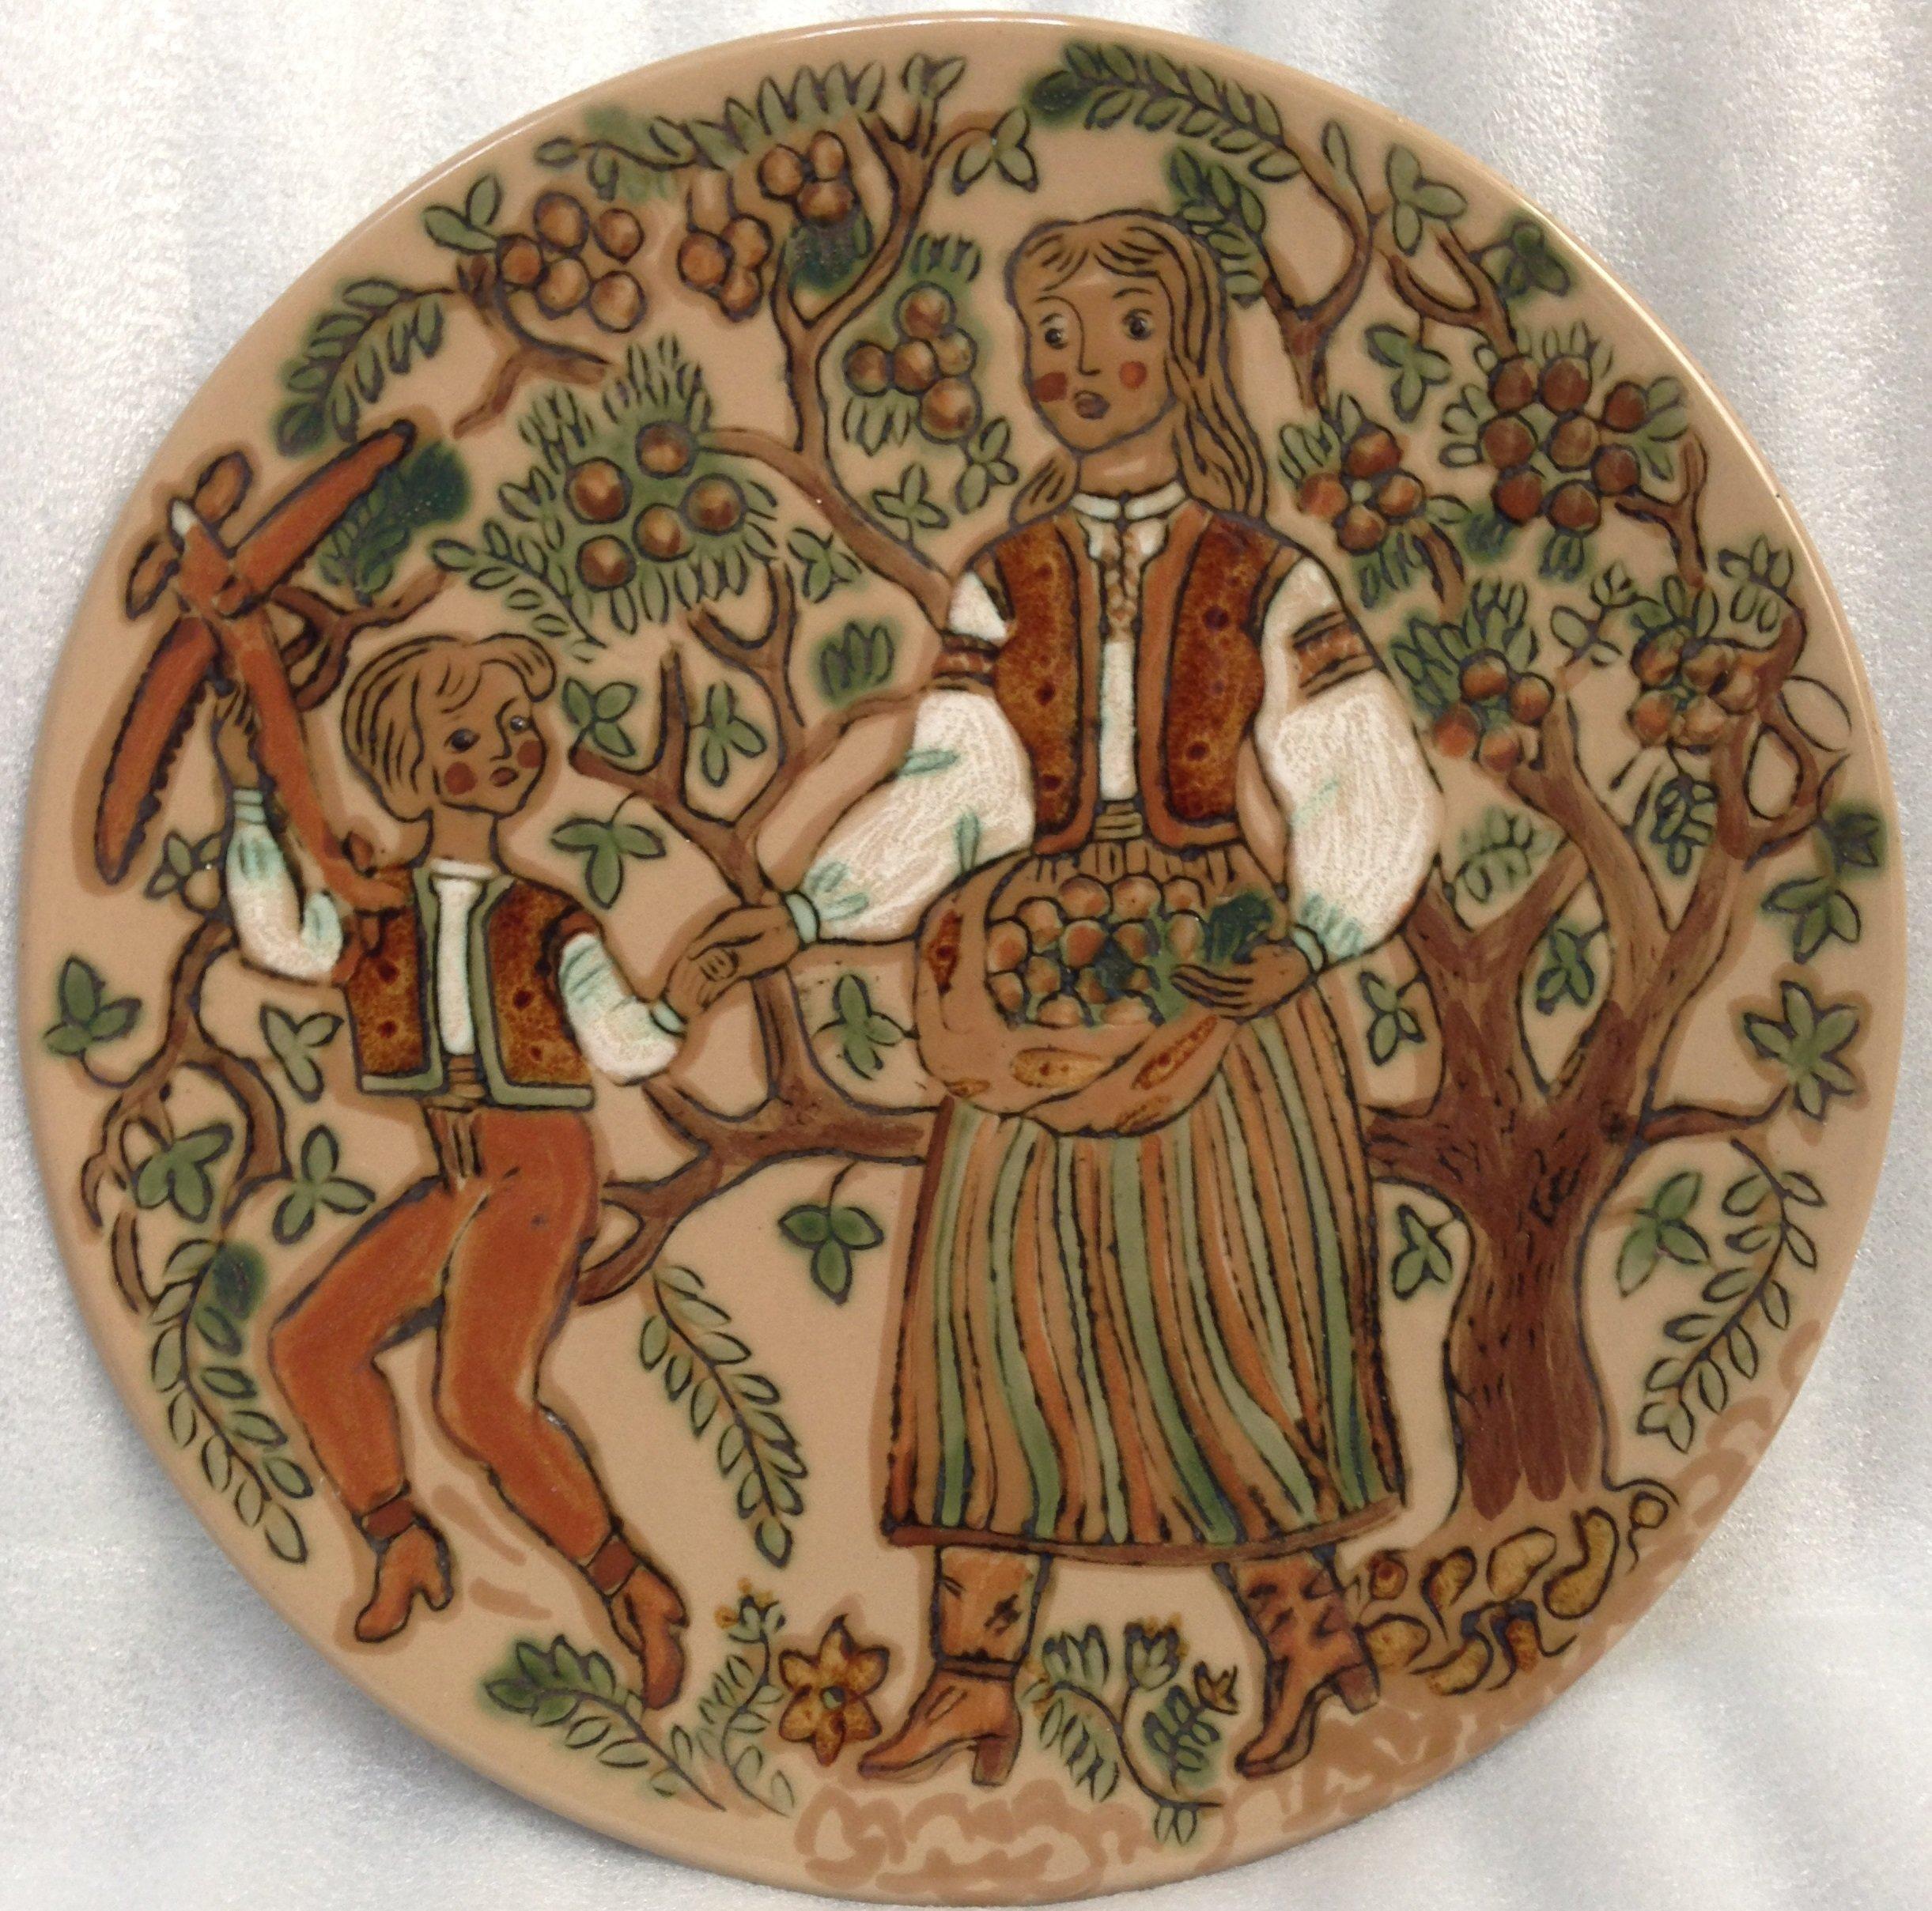 Декоративная тарелка «В саду» ЛКСФ 1970 е - Декоративная тарелка «В саду» ЛКСФ